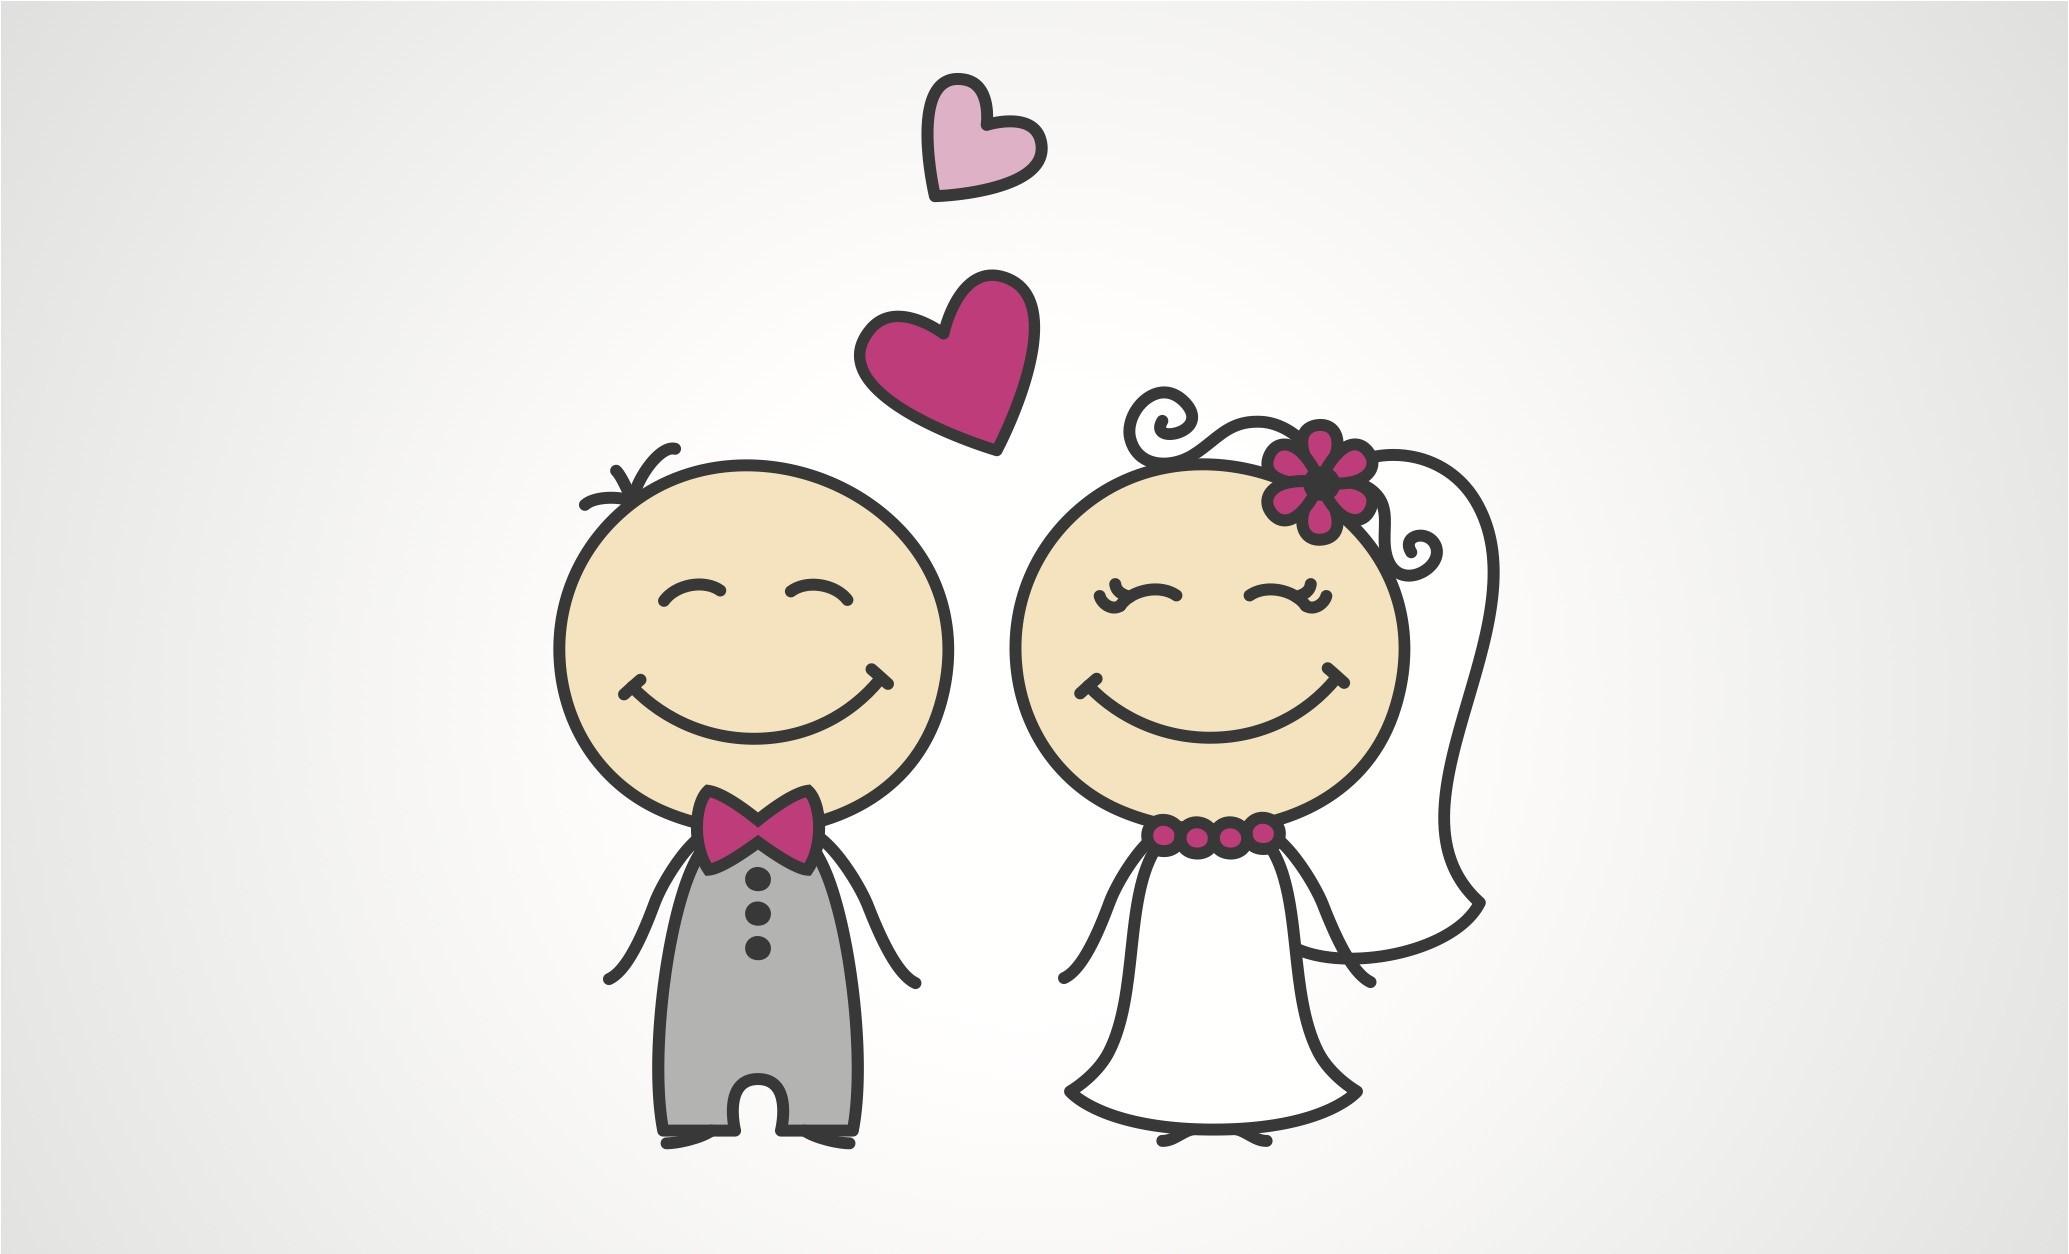 Kết hôn trước và sau tuổi 30: Độ tuổi khác biệt, ĐƯỢC – MẤT cũng khác nhau